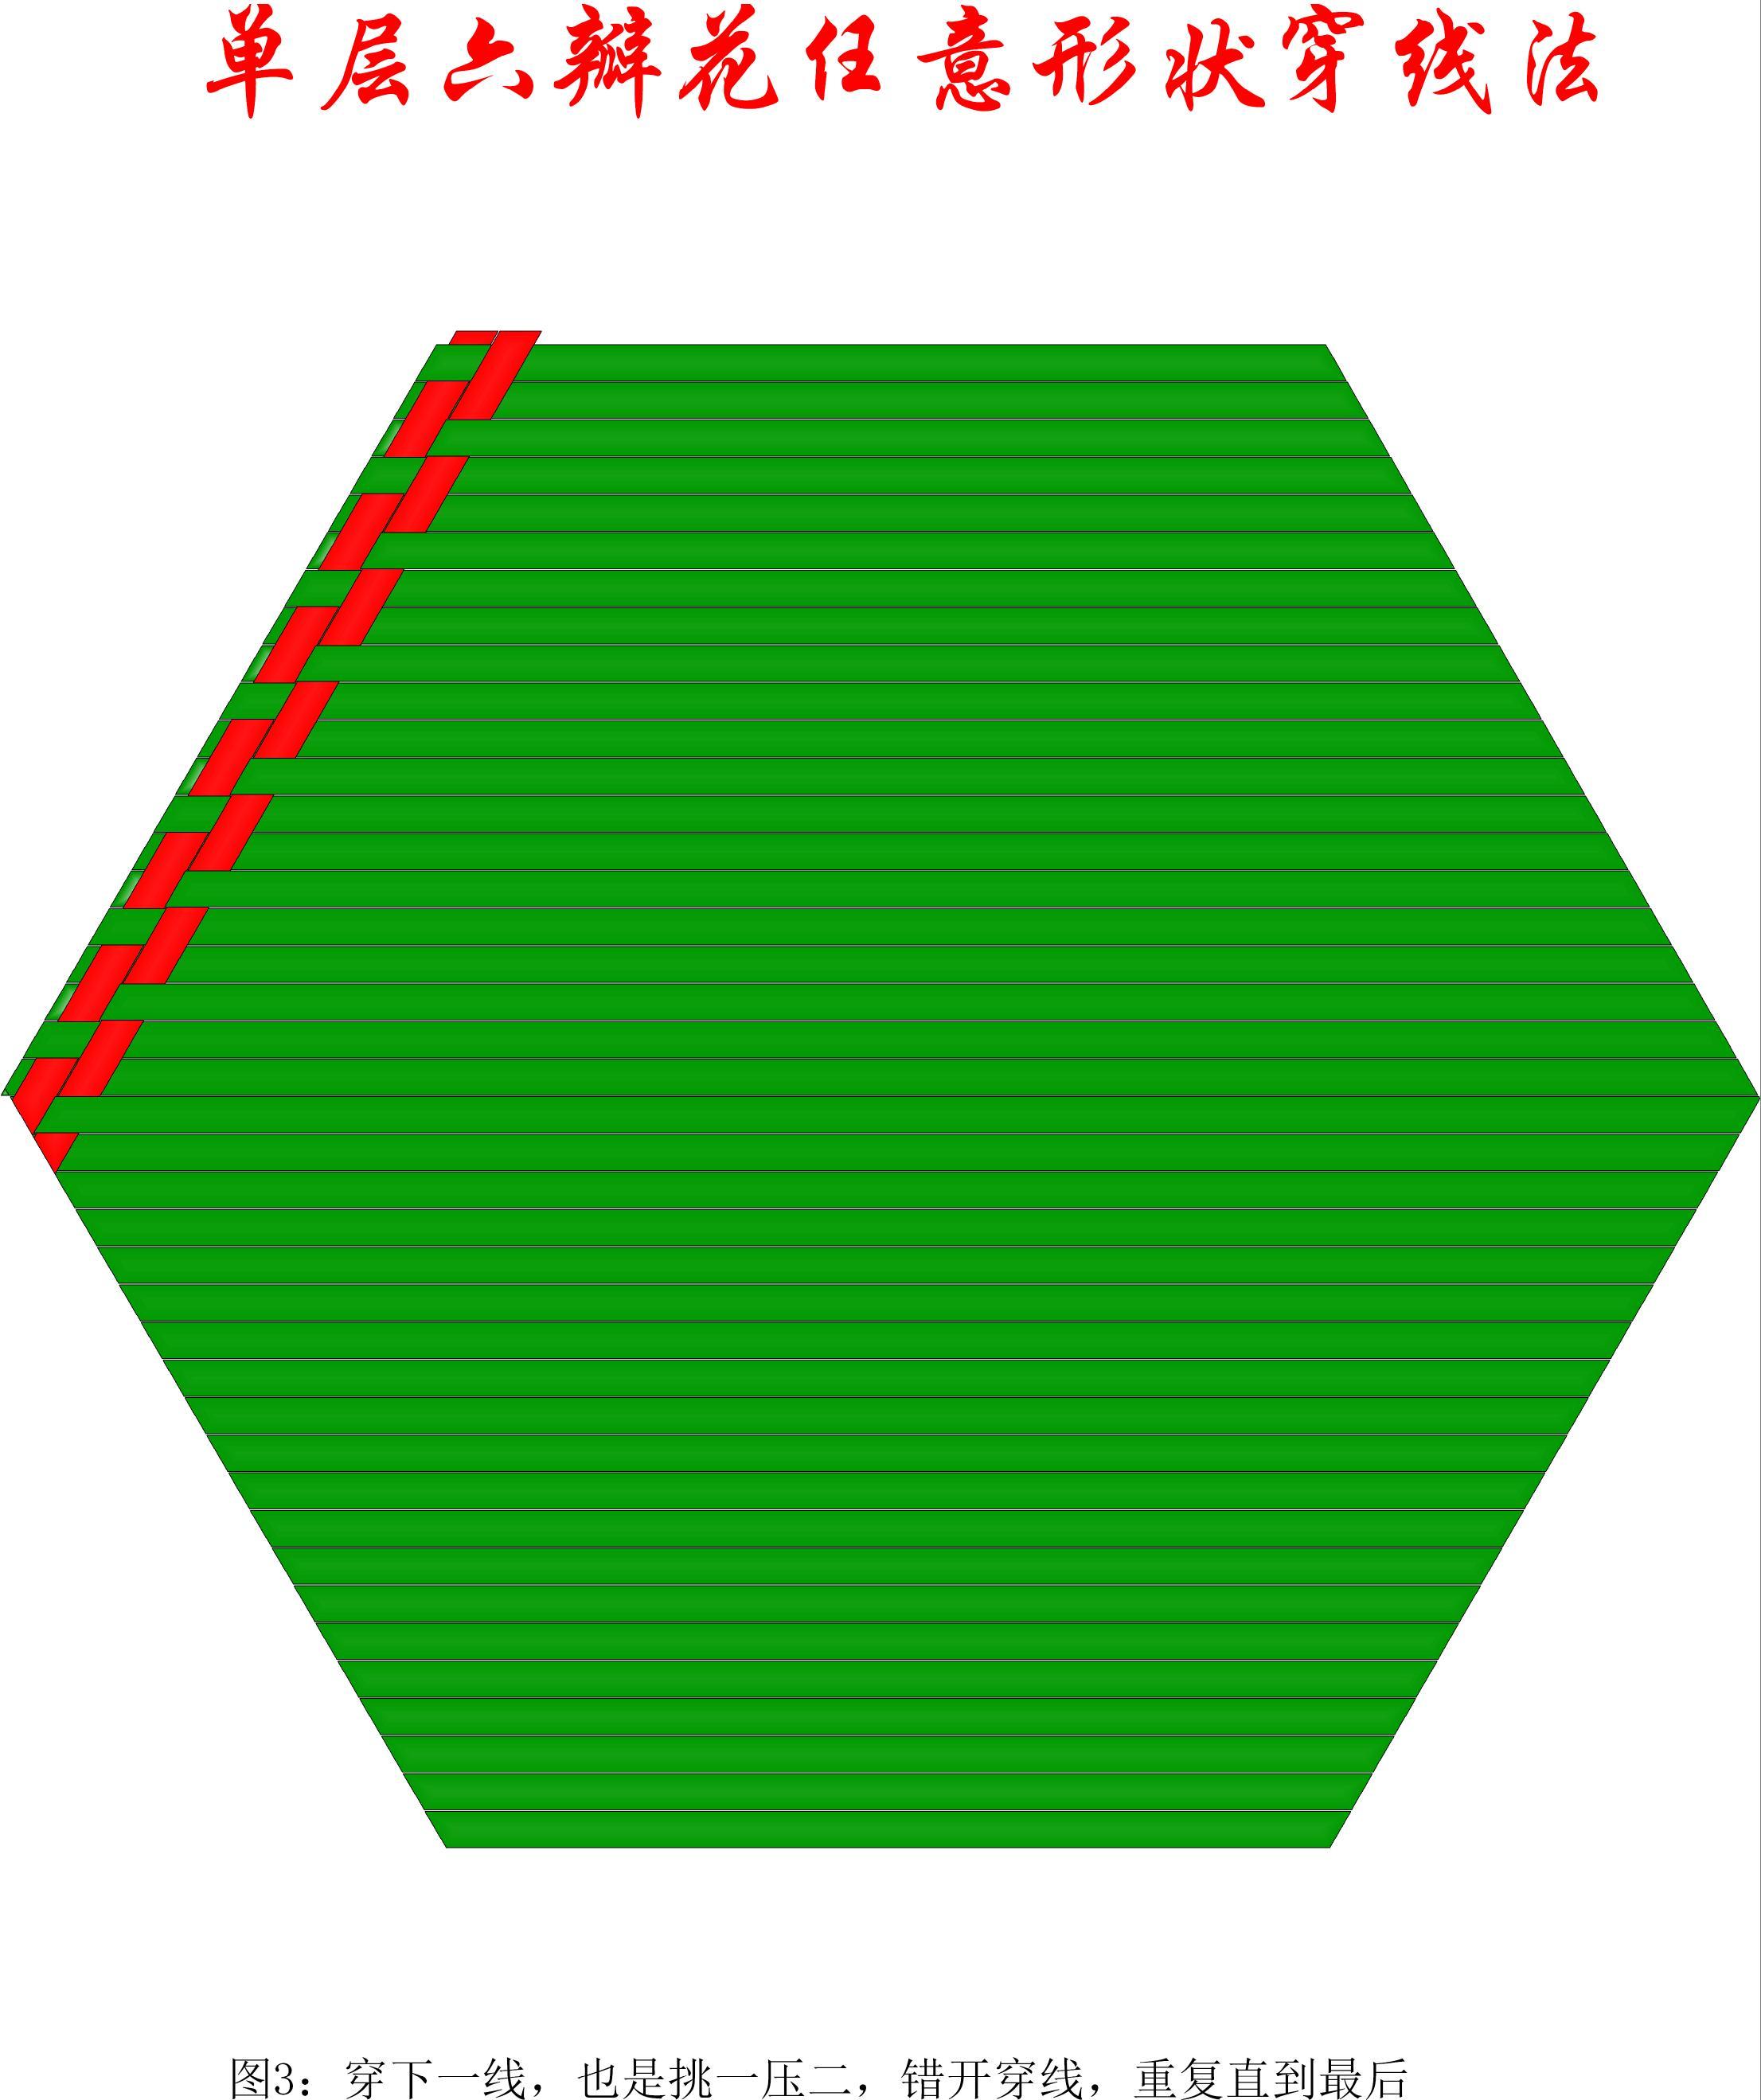 中国结论坛 单层叠压六瓣花任意形状穿线方法 1264,盘长结 丑丑徒手编结 200902g7enq66d7fndm60d